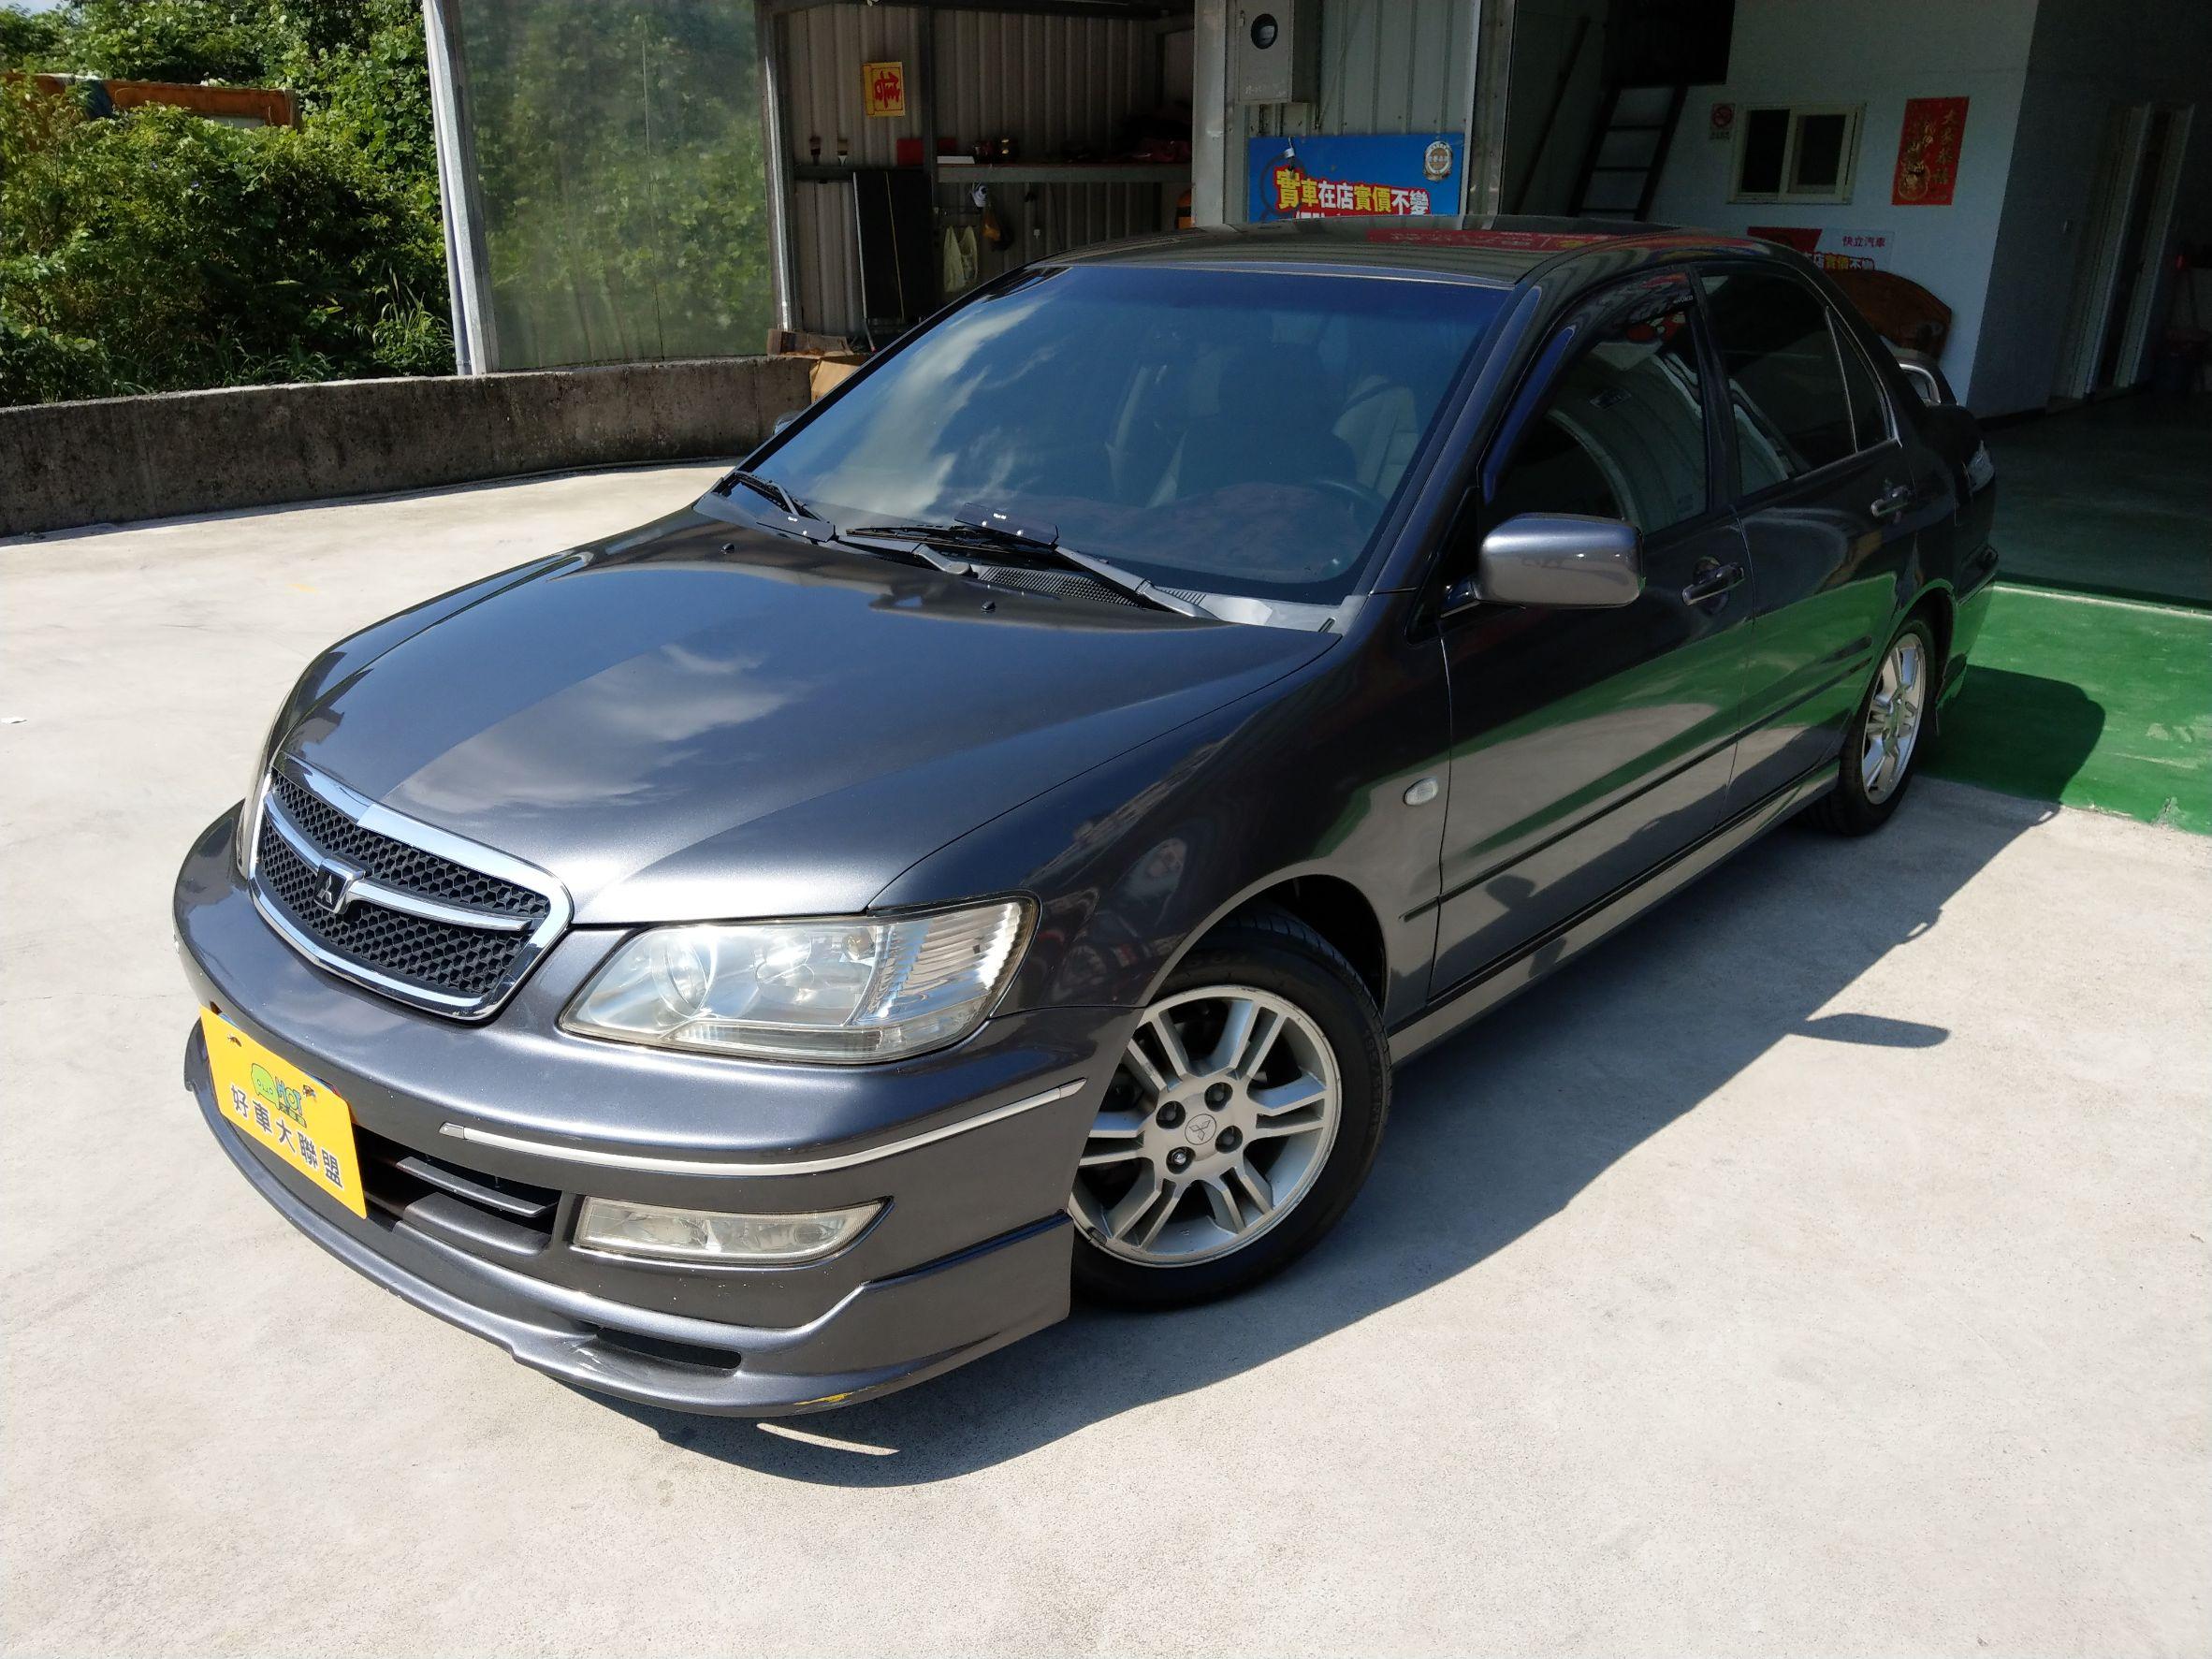 2002 Mitsubishi 三菱 Lancer